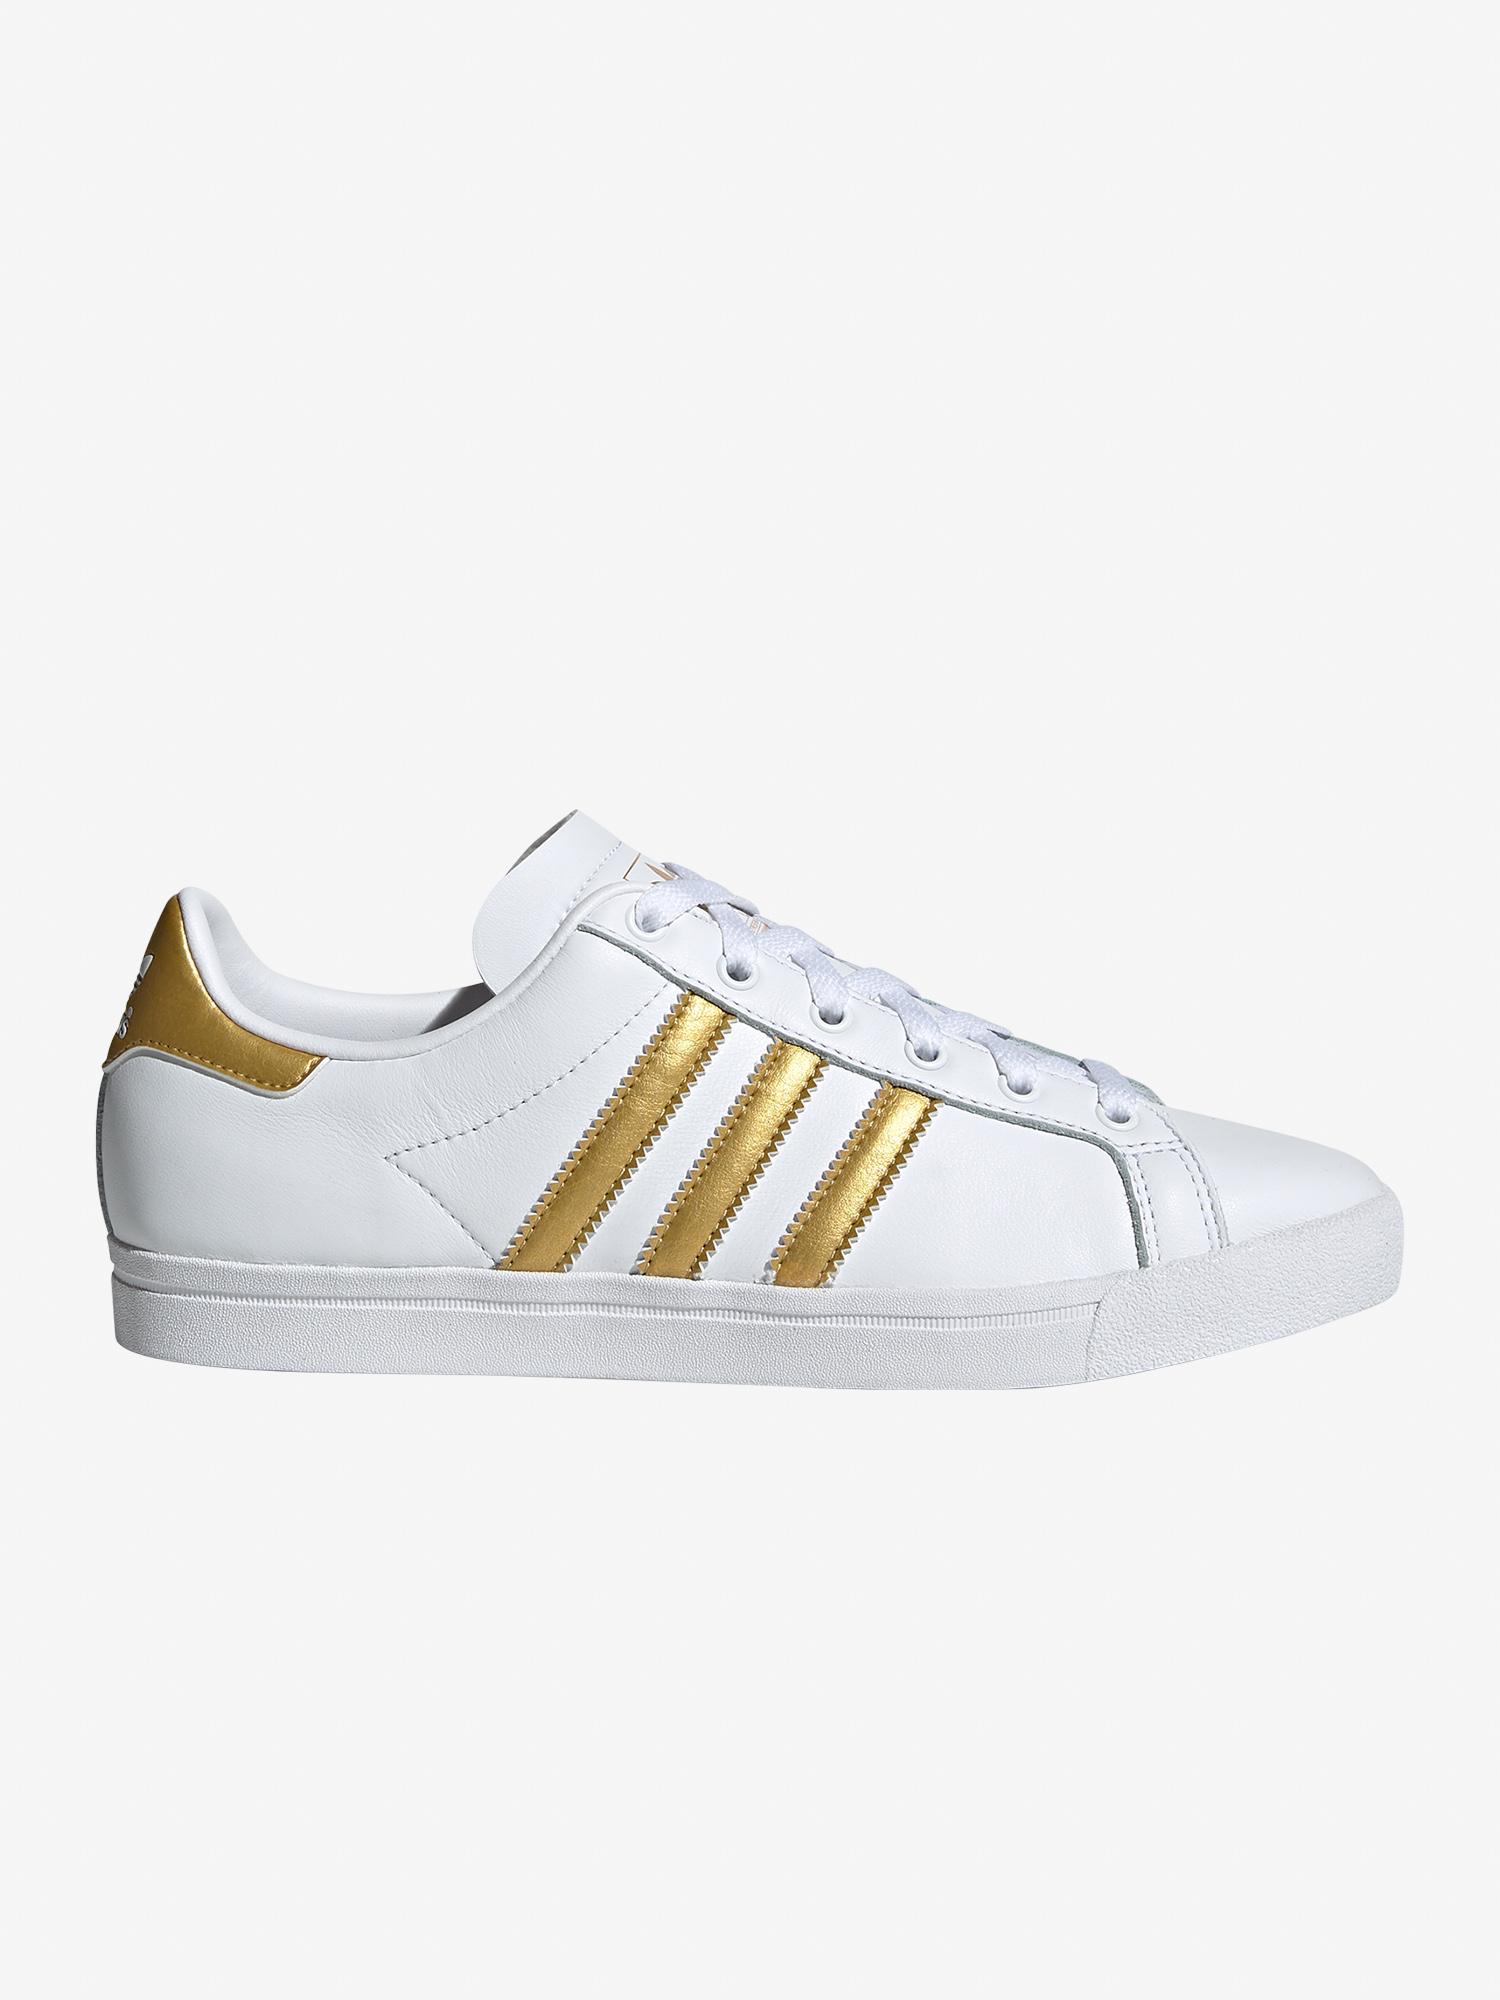 Adidas Originals Coast Star W Shoes